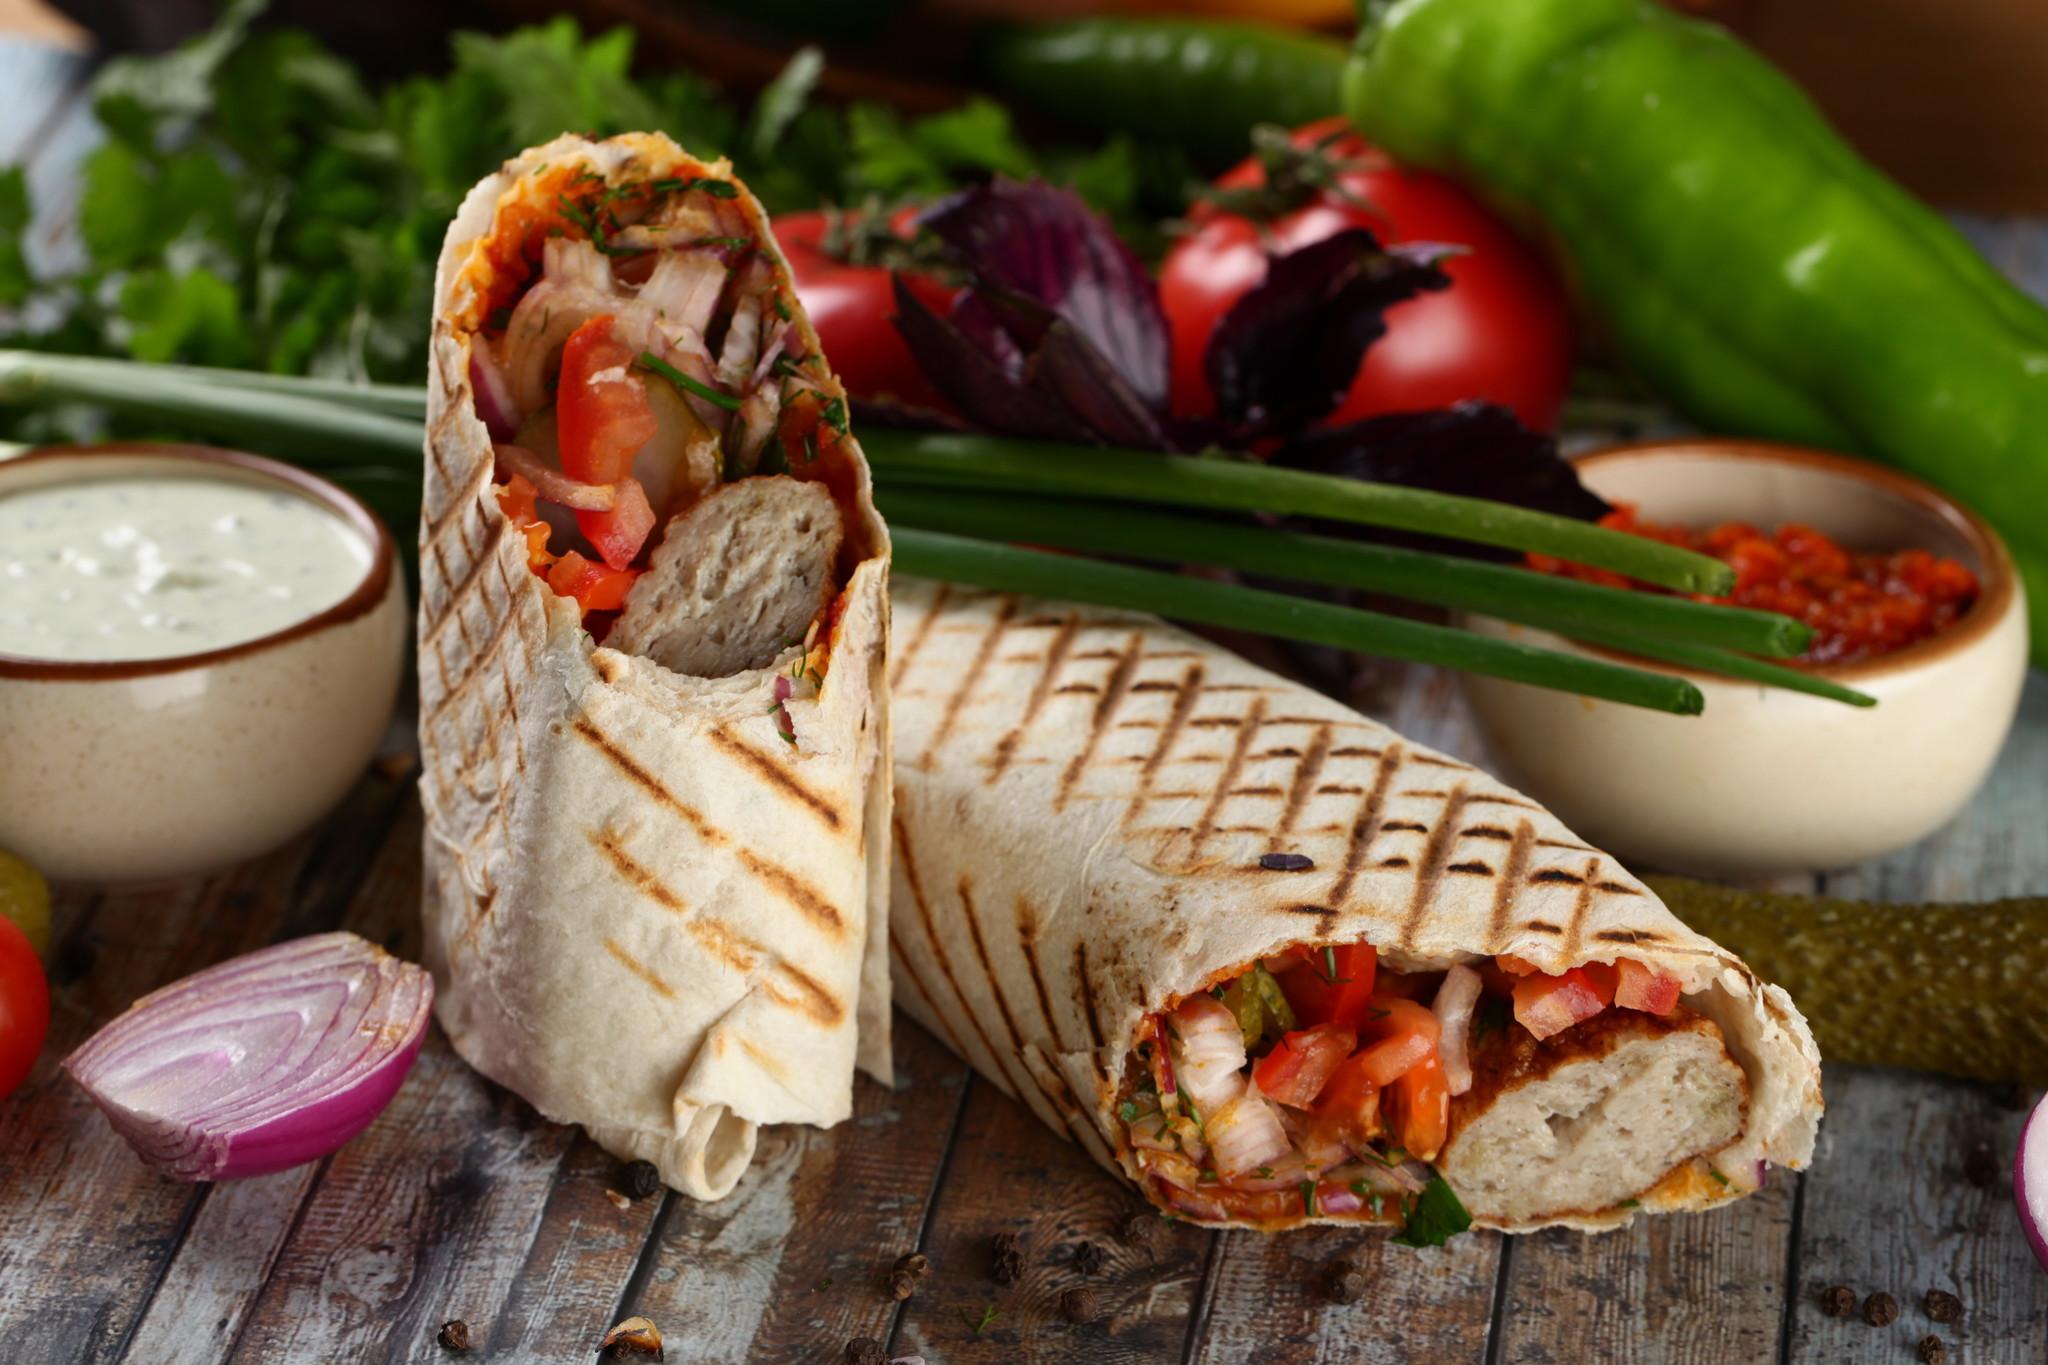 рецепты салатов из кавказской кухни